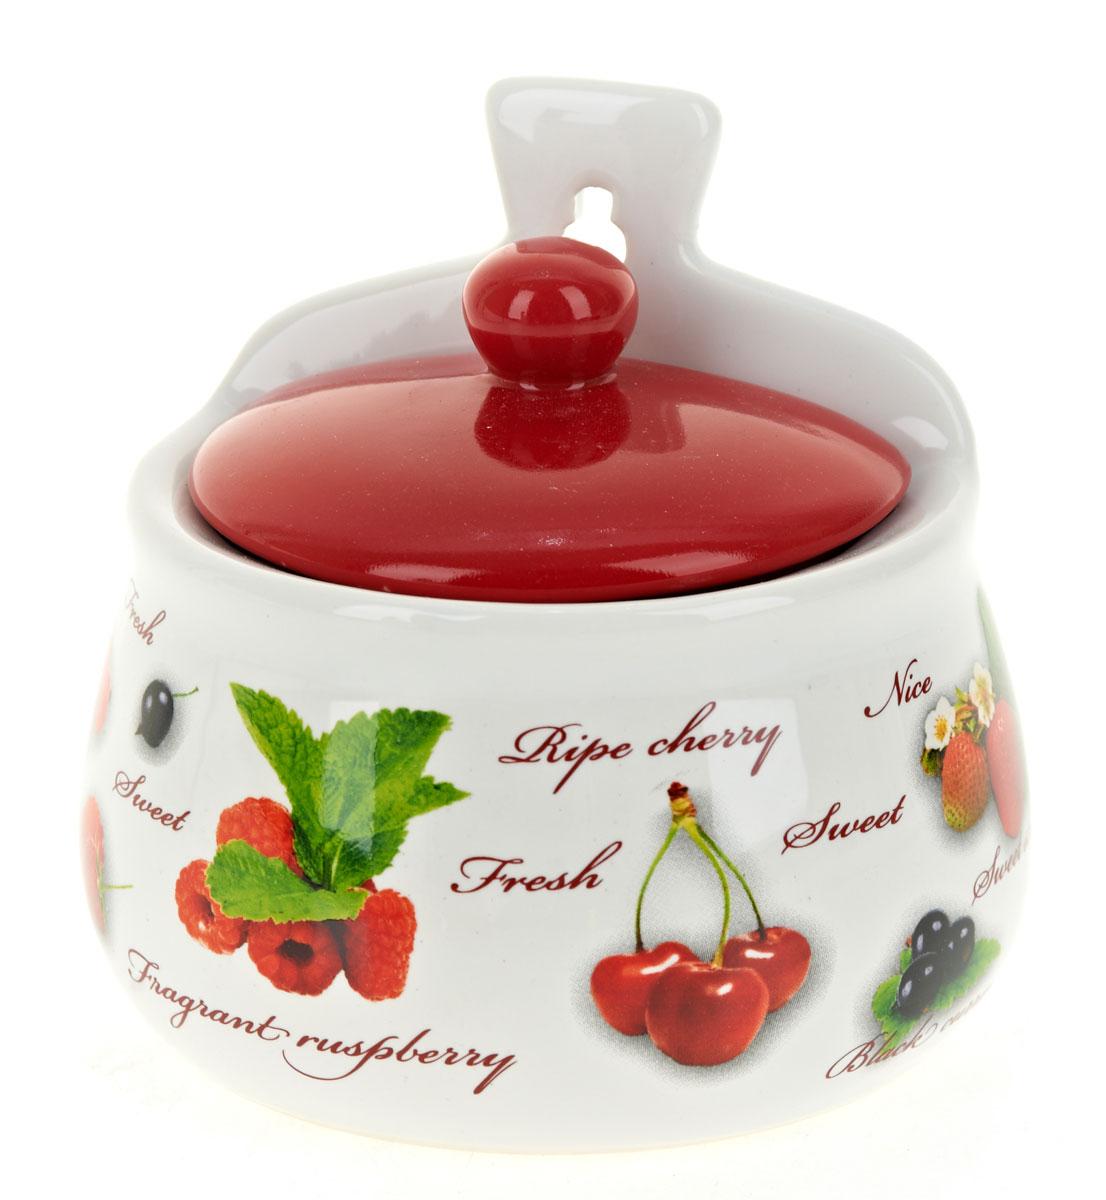 Солонка Polystar Садовая ягода, 500 млL2520273Оригинальная солонка Садовая ягода изготовлена из высококачественной керамики. Изделие имеет отверстие для подвешивания. Солонка украсит любую кухню и подчеркнет прекрасный вкус хозяина.Объем: 500 мл.